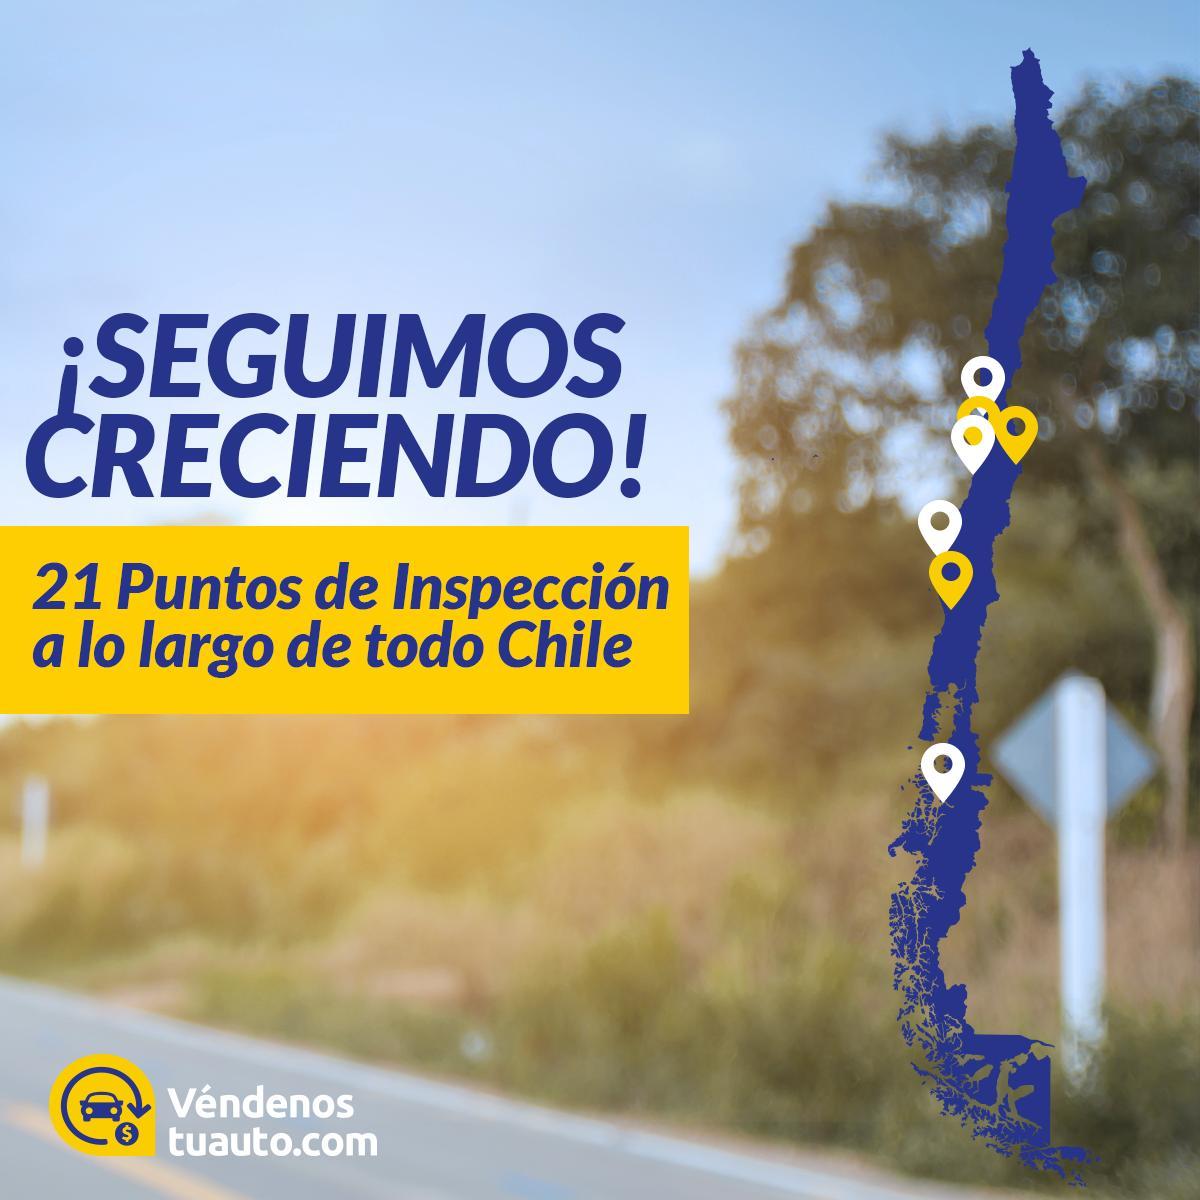 📣¡Seguimos creciendo! Ya tenemos 21 puntos de inspección distribuidos por todo el país, estamos presente en 8 ciudades y vamos por más... ¡Somos lideres en la compra inmediata de autos usados en Chile! 🚗💰 https://t.co/pT7QdbA8vY